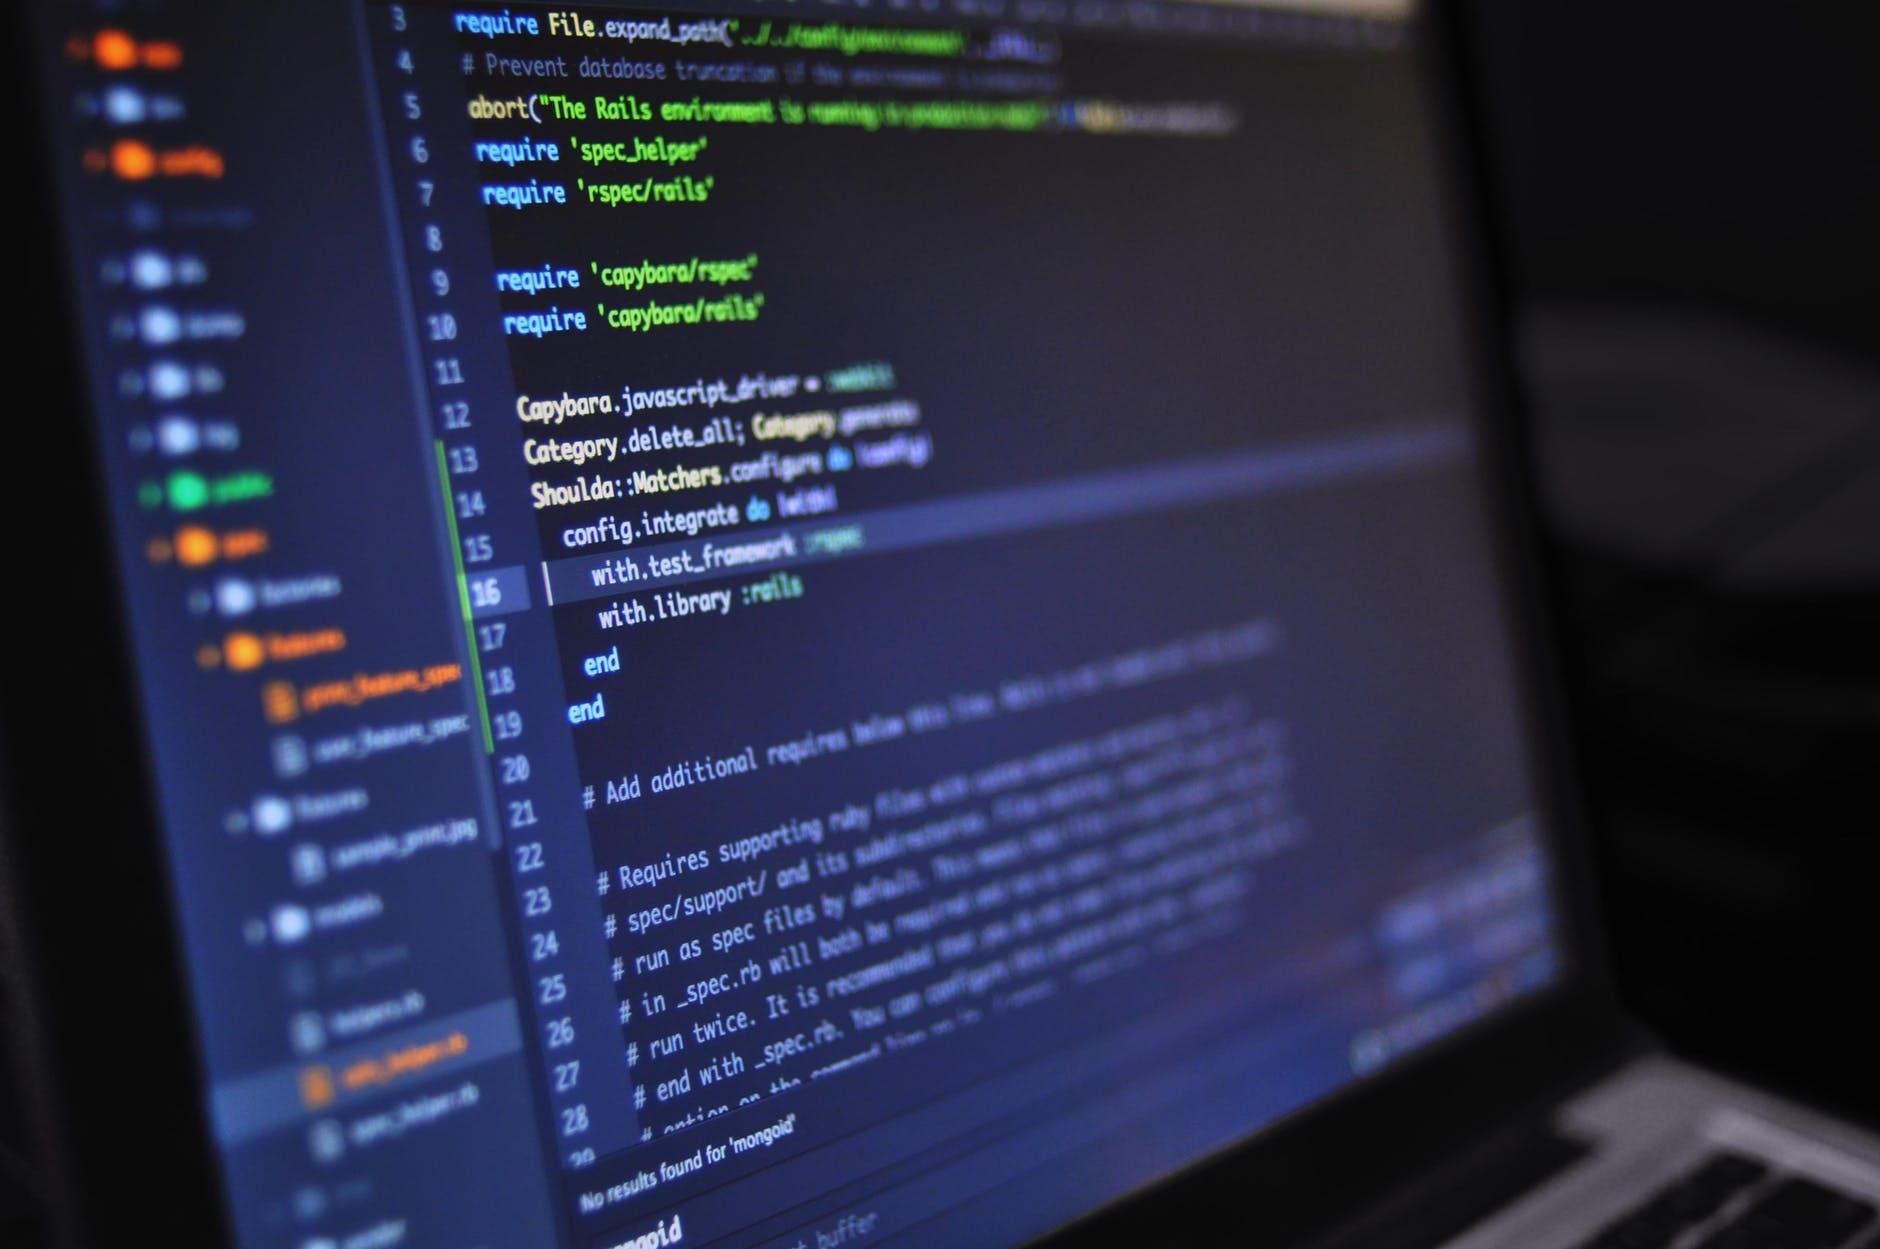 Imagem de uma tela de computador com fundo azul escuro e linhas de código, mostrando dados estruturados